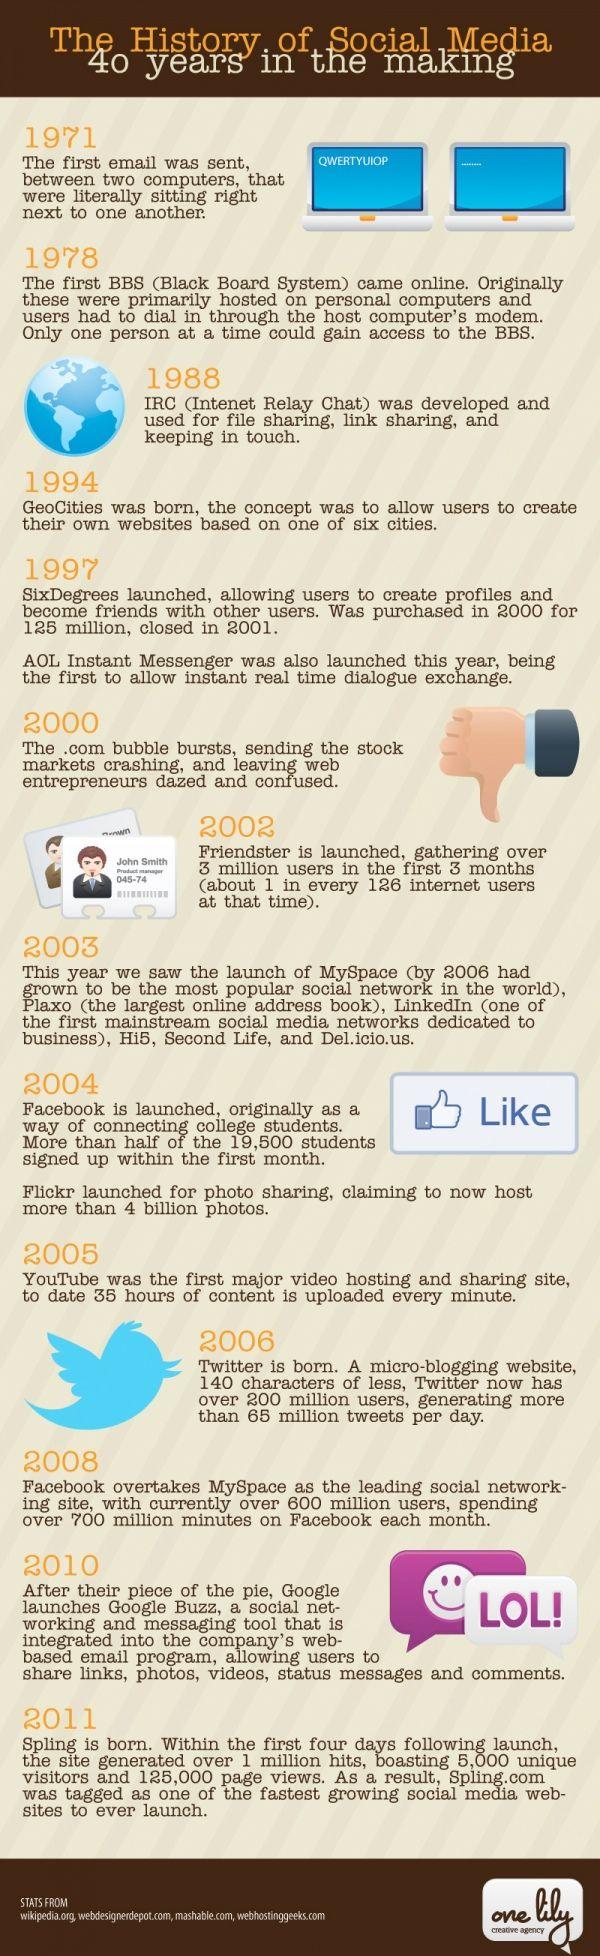 A história dos 40 anos da Social Media